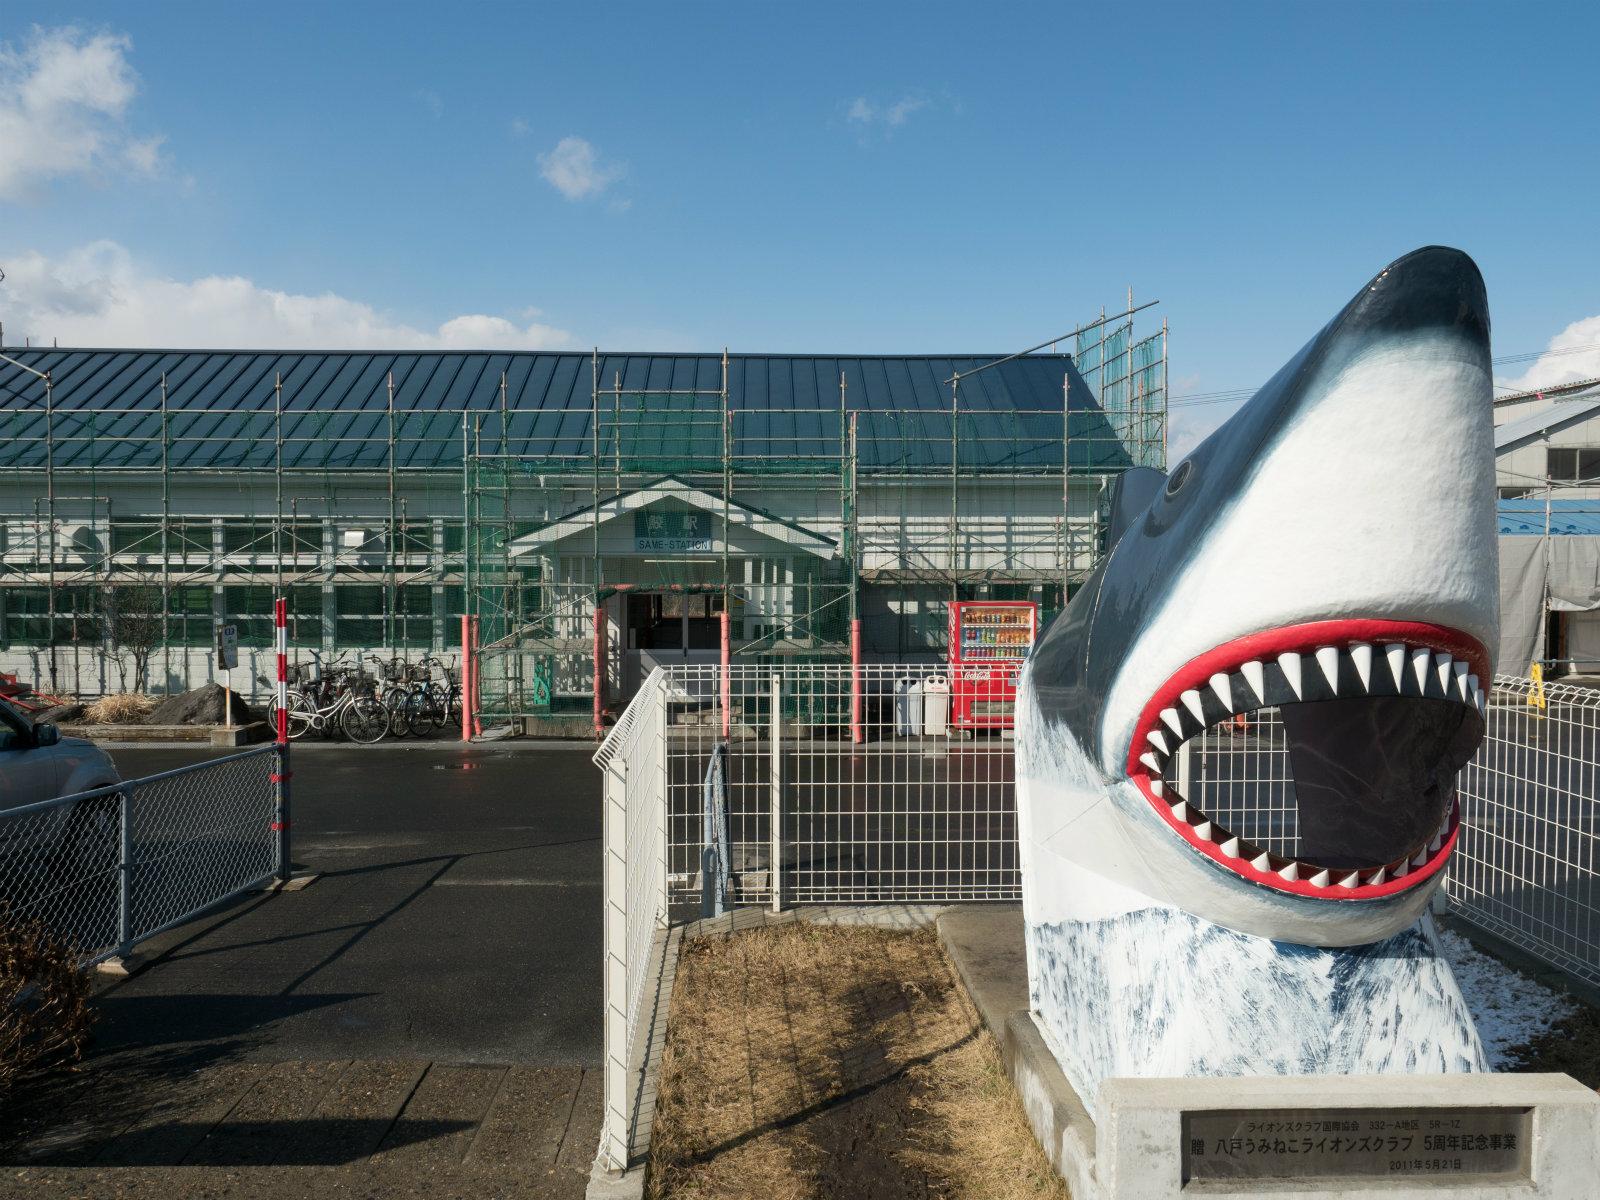 鮫駅の駅舎と鮫のモニュメント